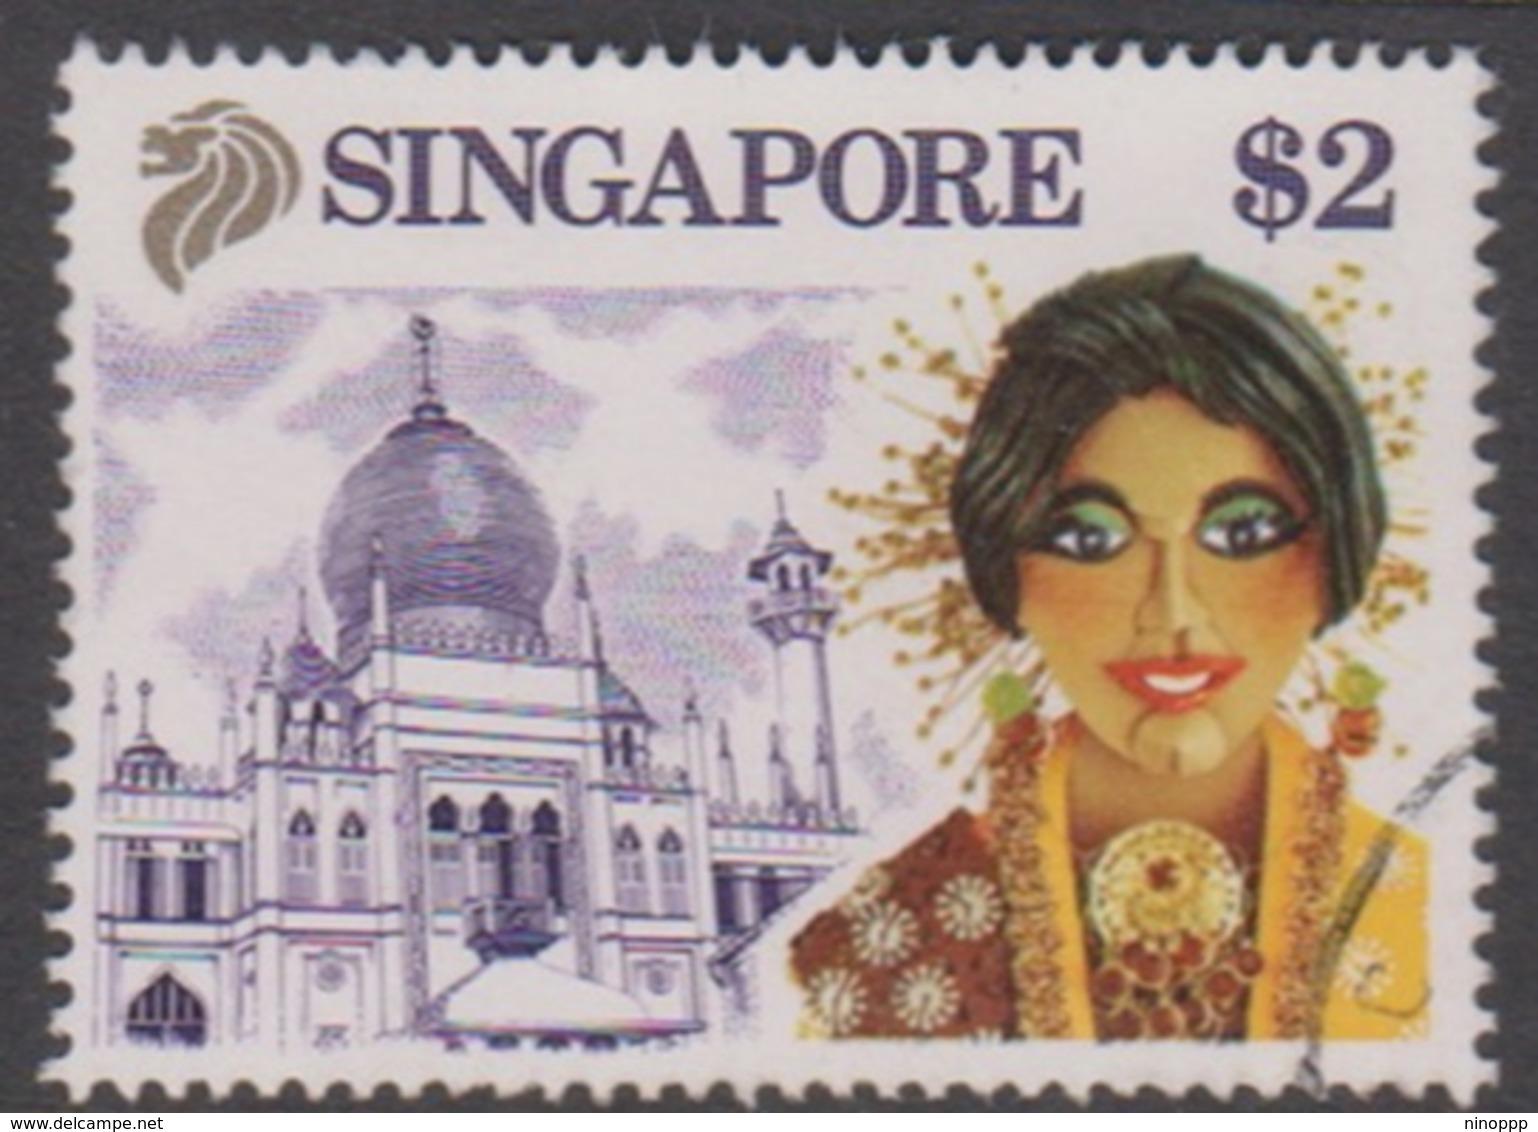 Singapore 638 1990 Tourism $ 2.00, Used - Singapore (1959-...)